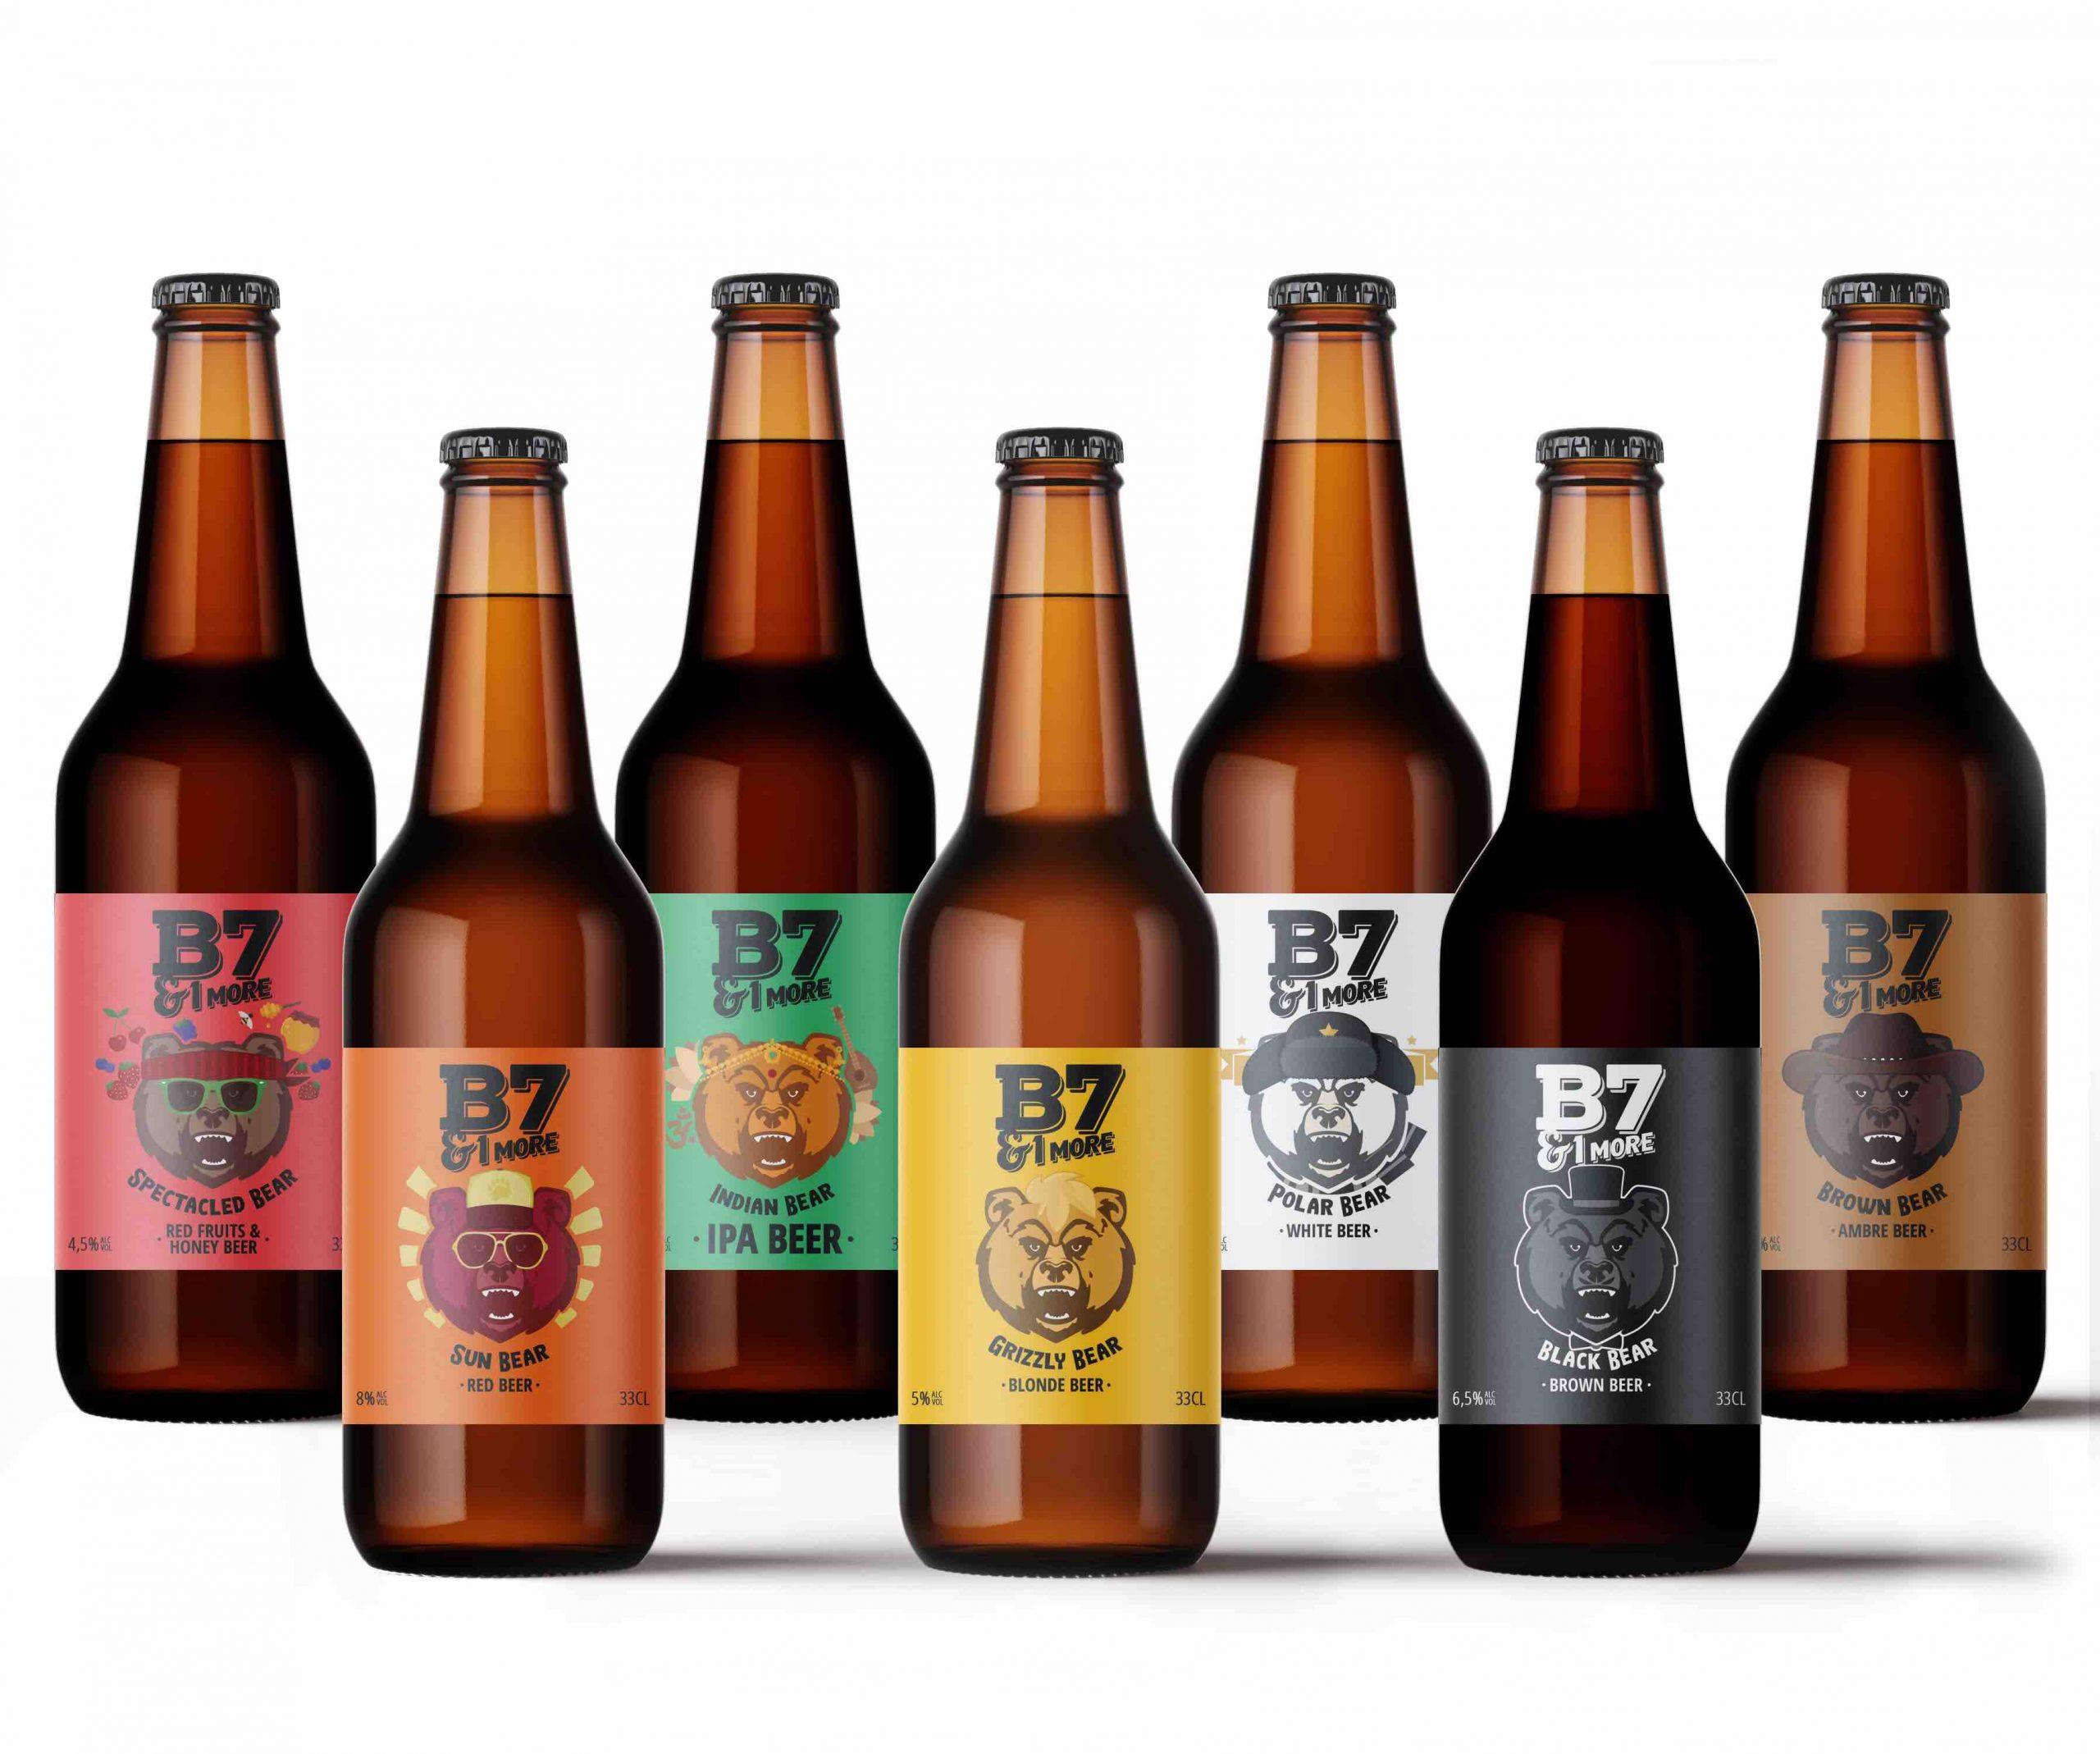 Visuels gamme B71MORE min scaled - Des bières artisanales engagées pour la défense des ours